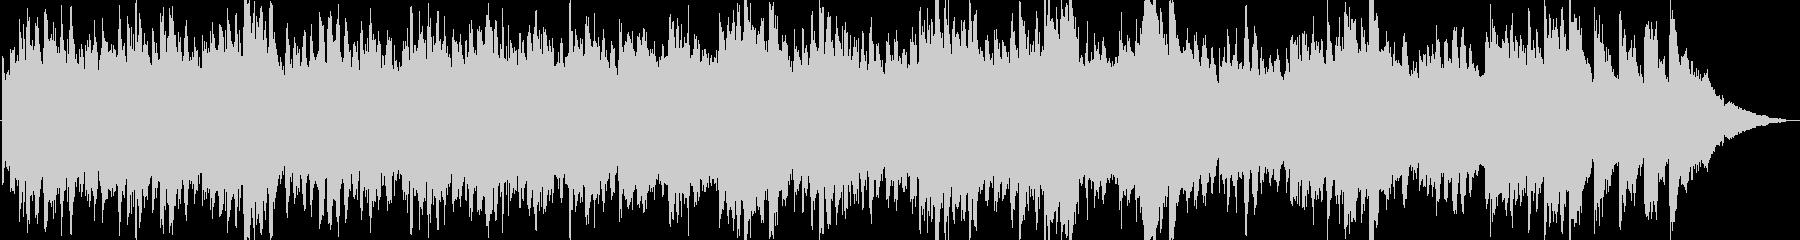 ソル作曲のEstudio作品31の3ですの未再生の波形